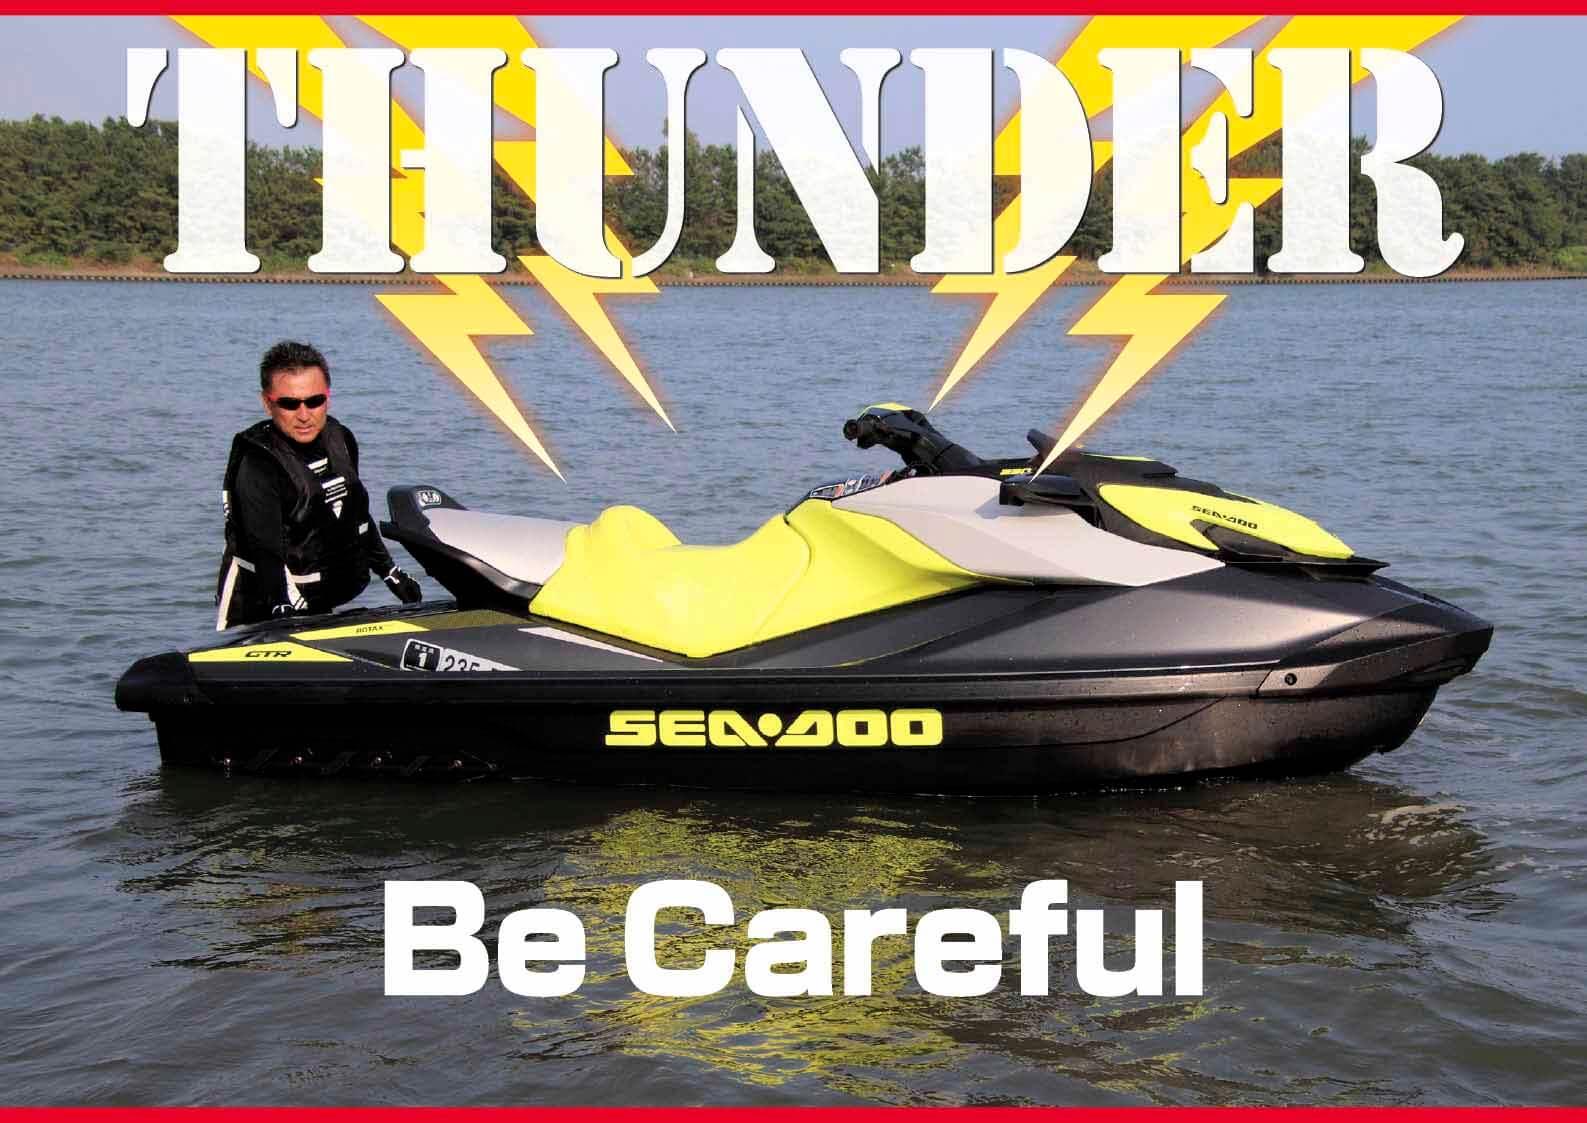 自然の恐怖!「落雷による死亡事故」毎年、発生しています。雷鳴が聞こえたら、海から上がろう! ジェットスキー(水上バイク)